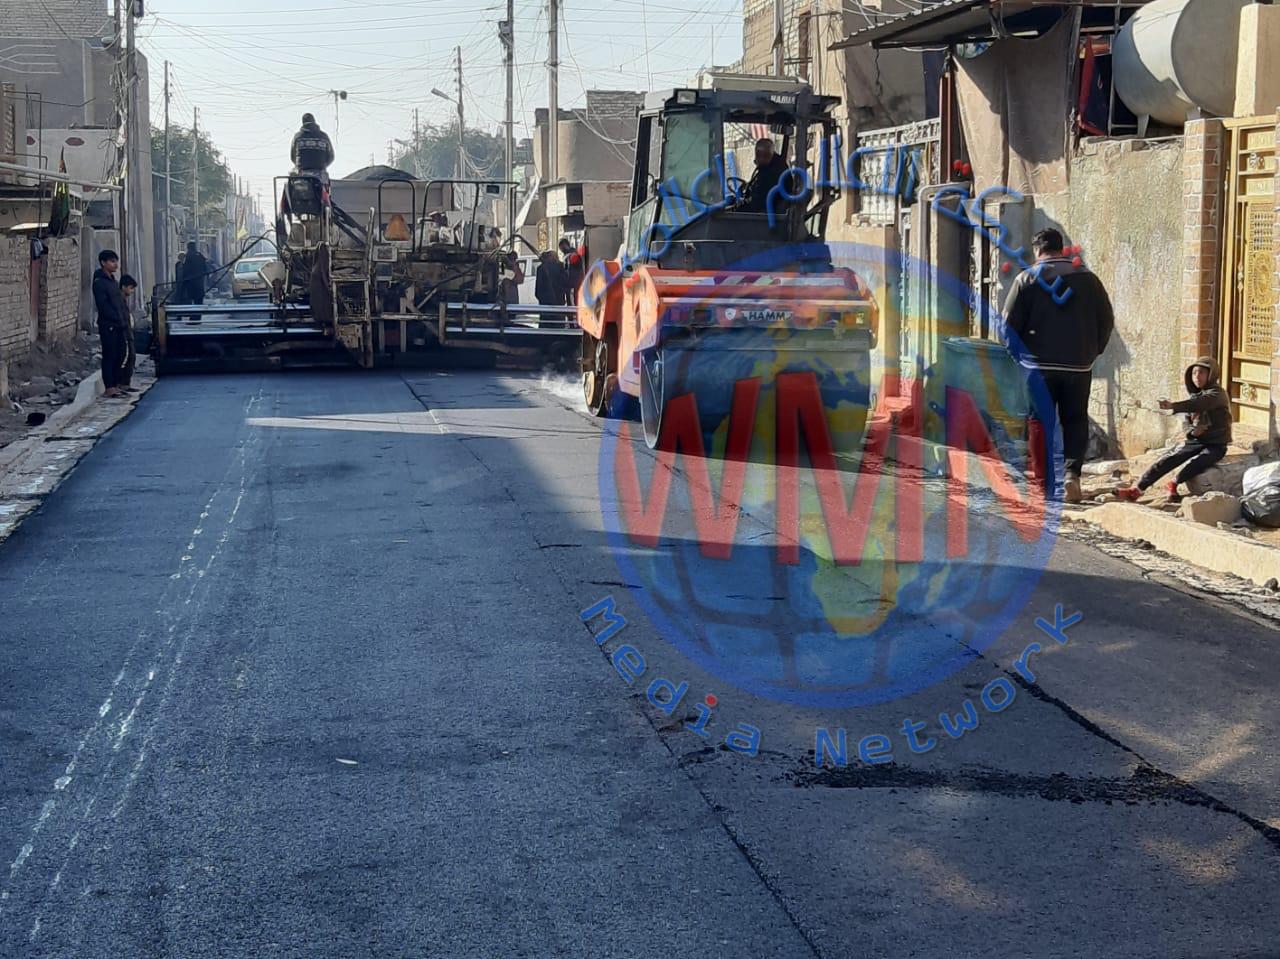 امانة بغداد تعلن عن انجاز تطوير 9 قطاعات سكنية جديدة في مدينة الصدر